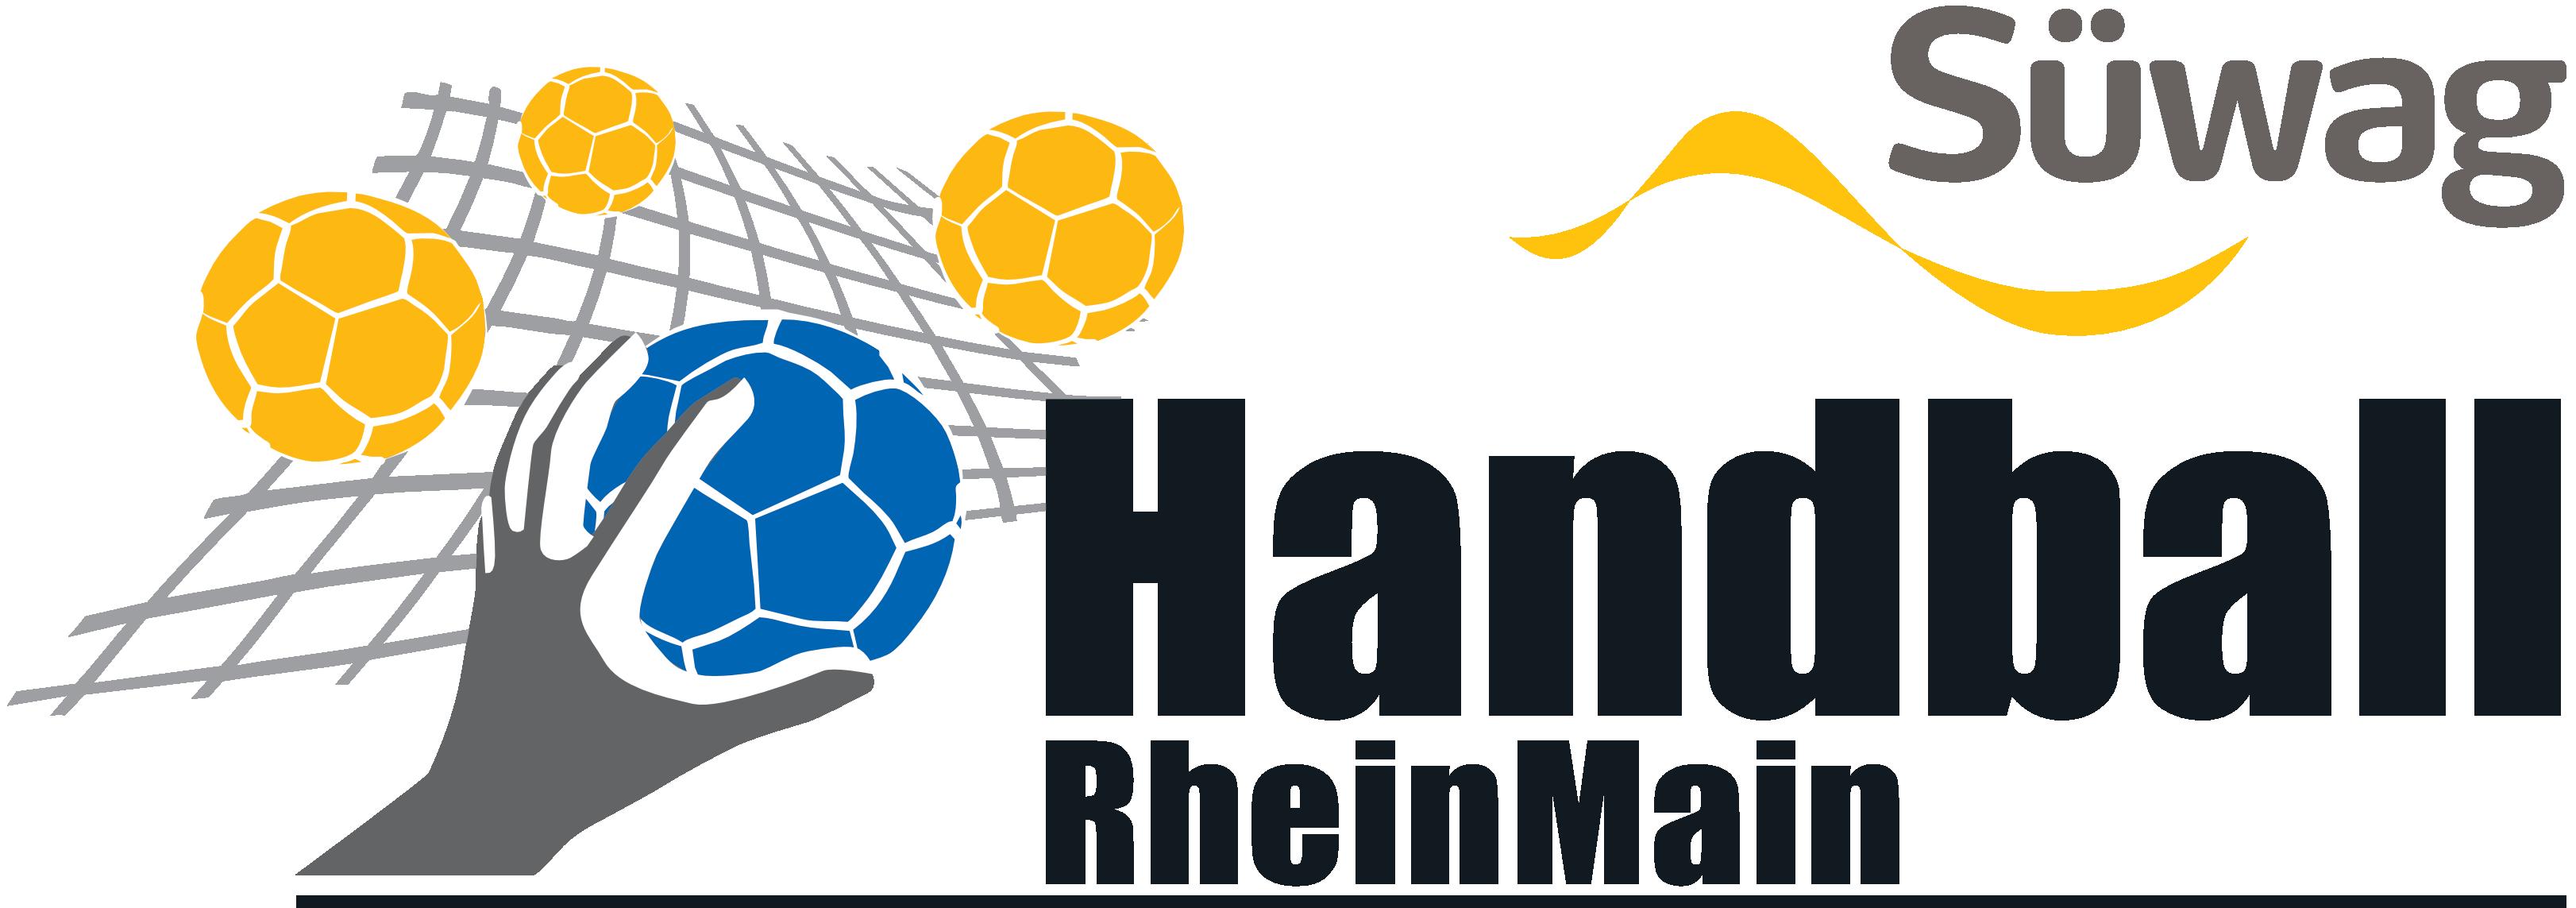 hi-rheinmainlogo-neu2017